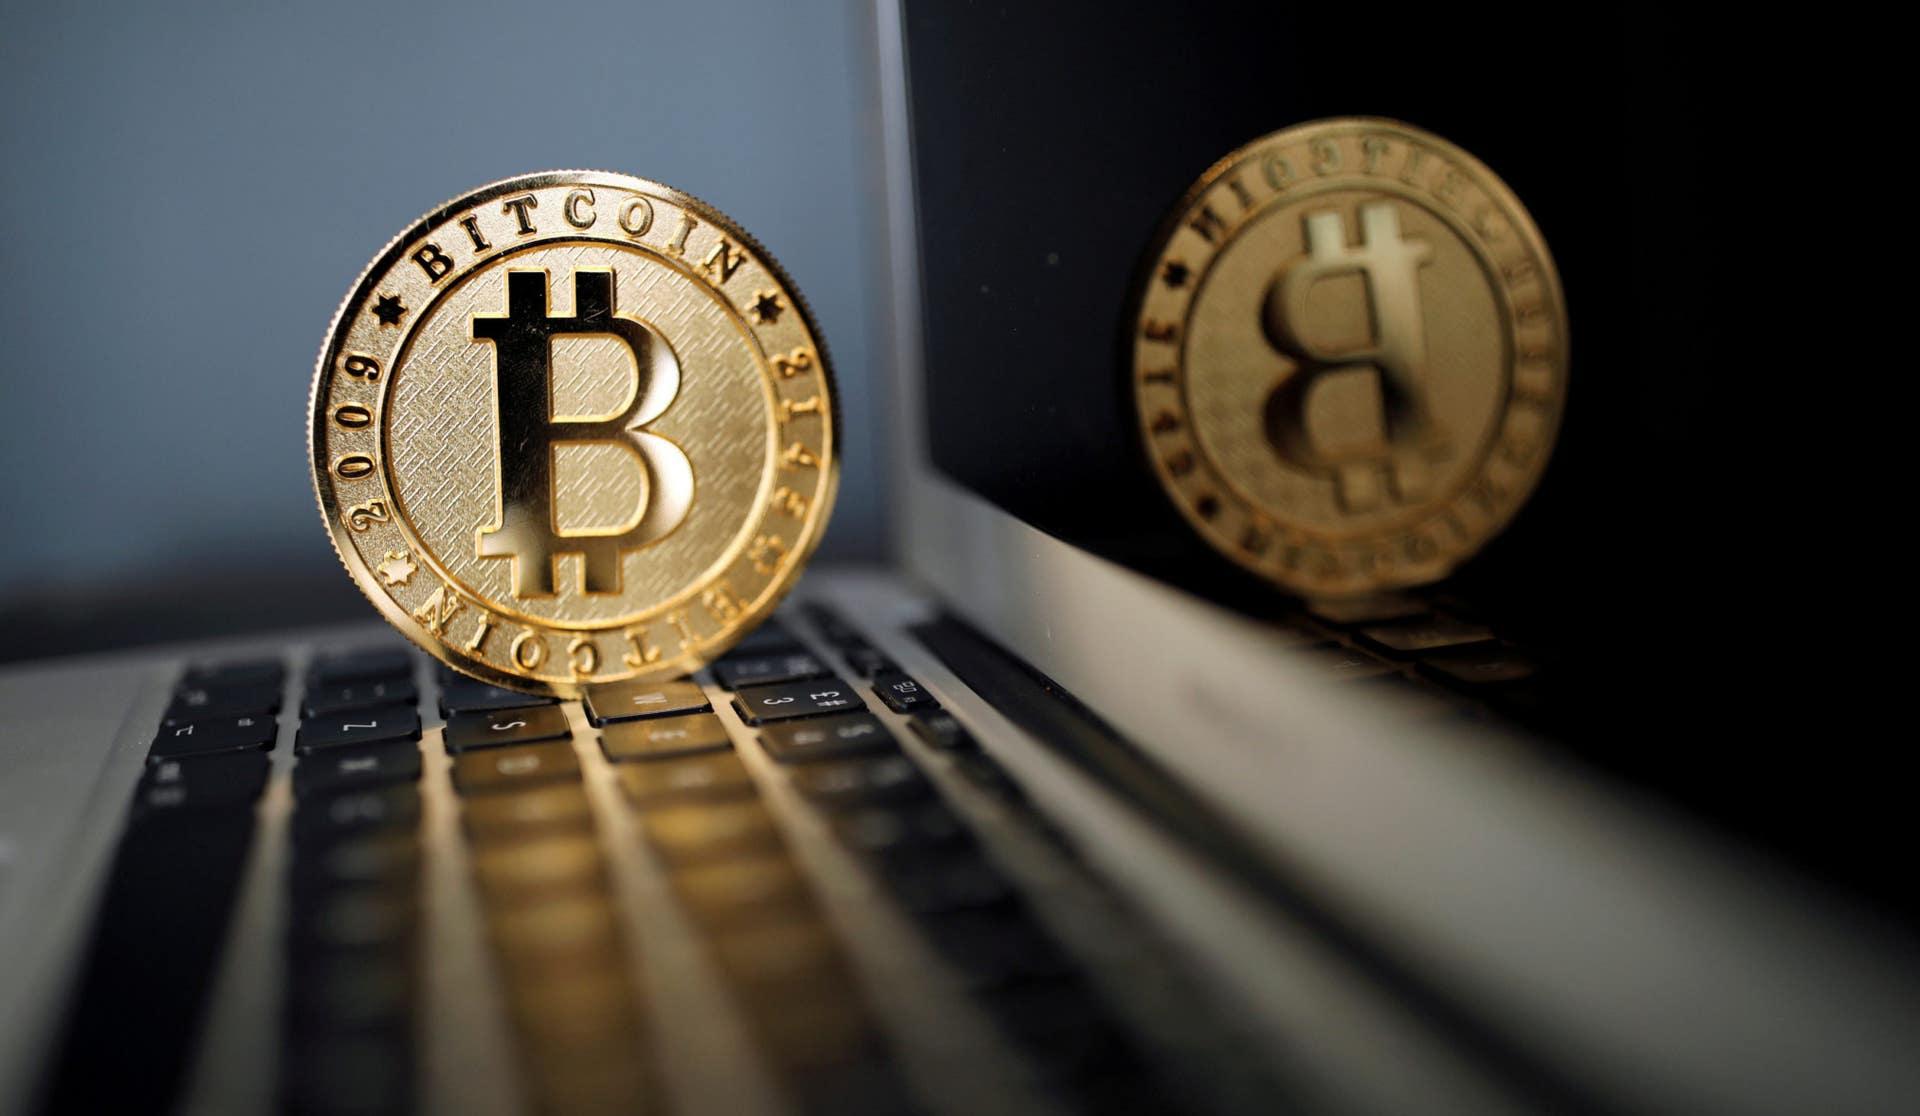 הכסף נהפך לדיגיטלי